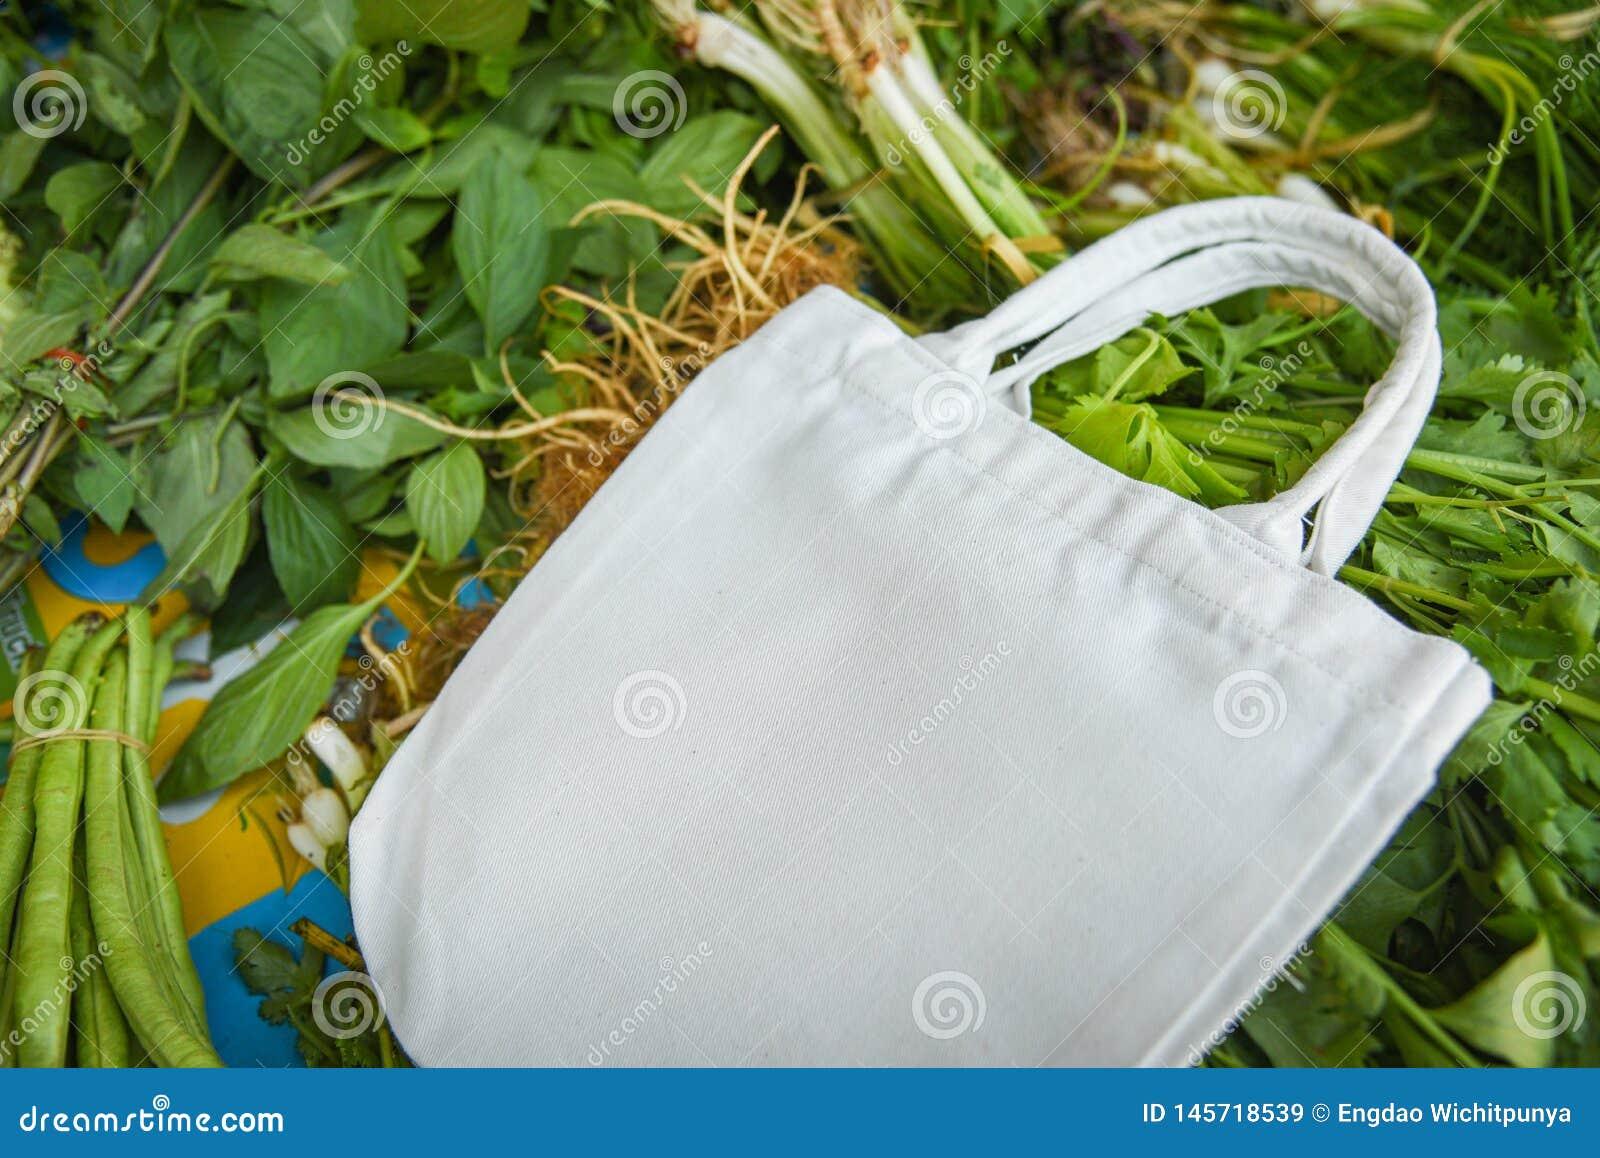 Eco katoenen stoffenzak op verse groenten markt het vrije plastic winkelen/Nul minder plastic afvalgebruik